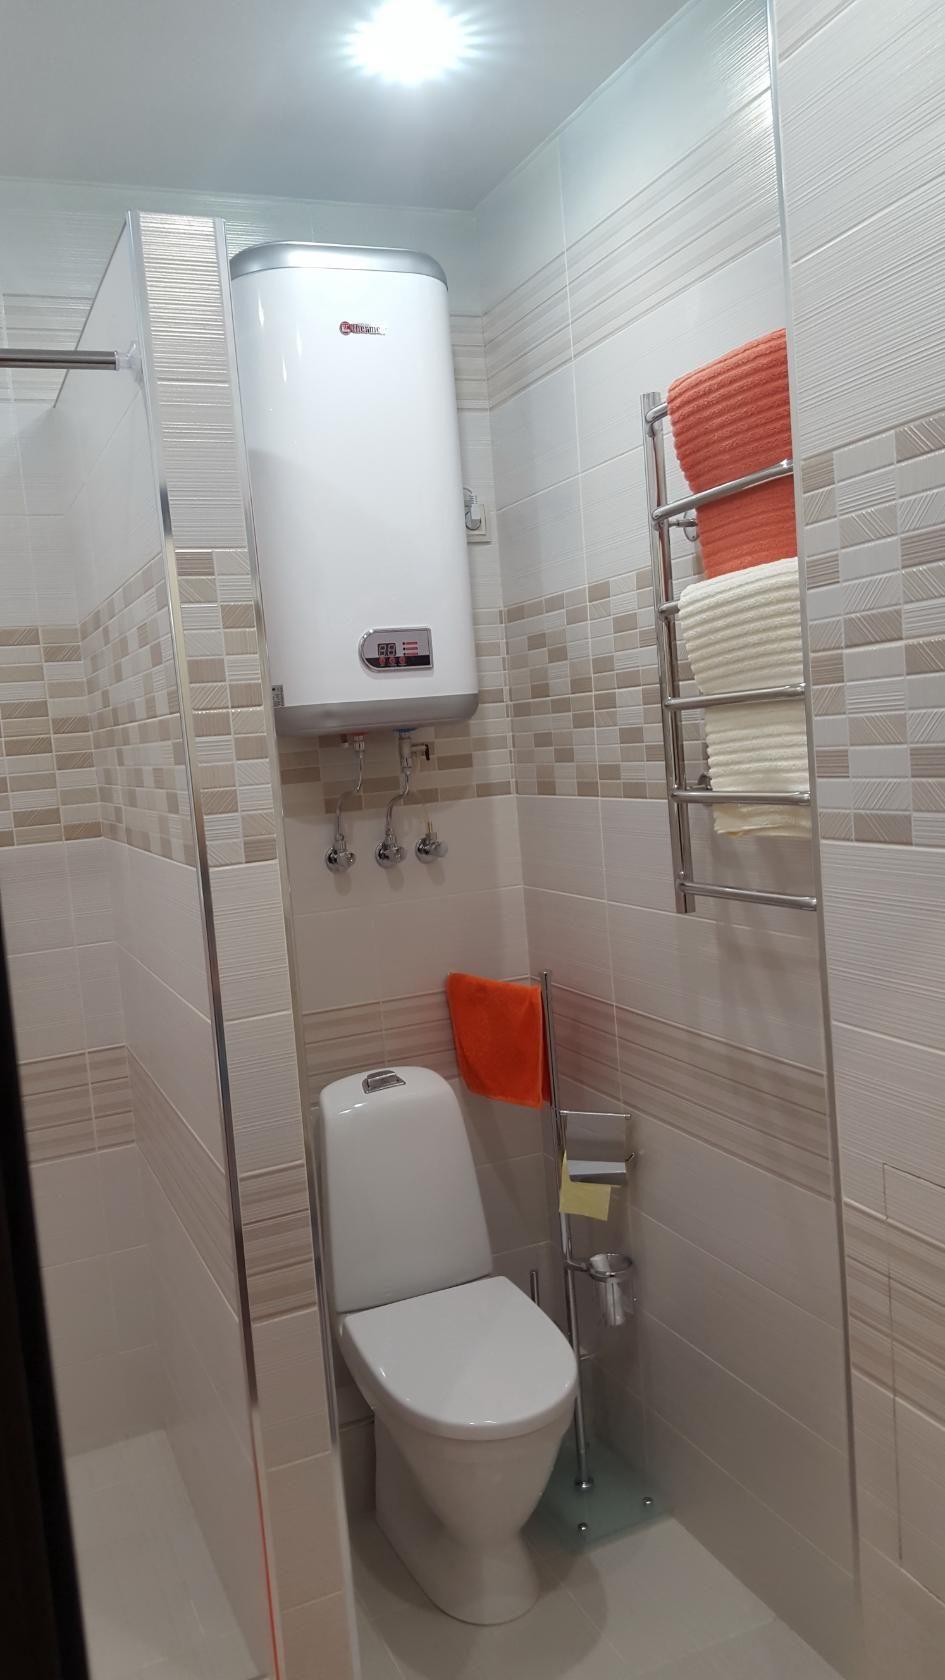 Дизайн туалета: реальные фото примеры и рекомендации по оформлению